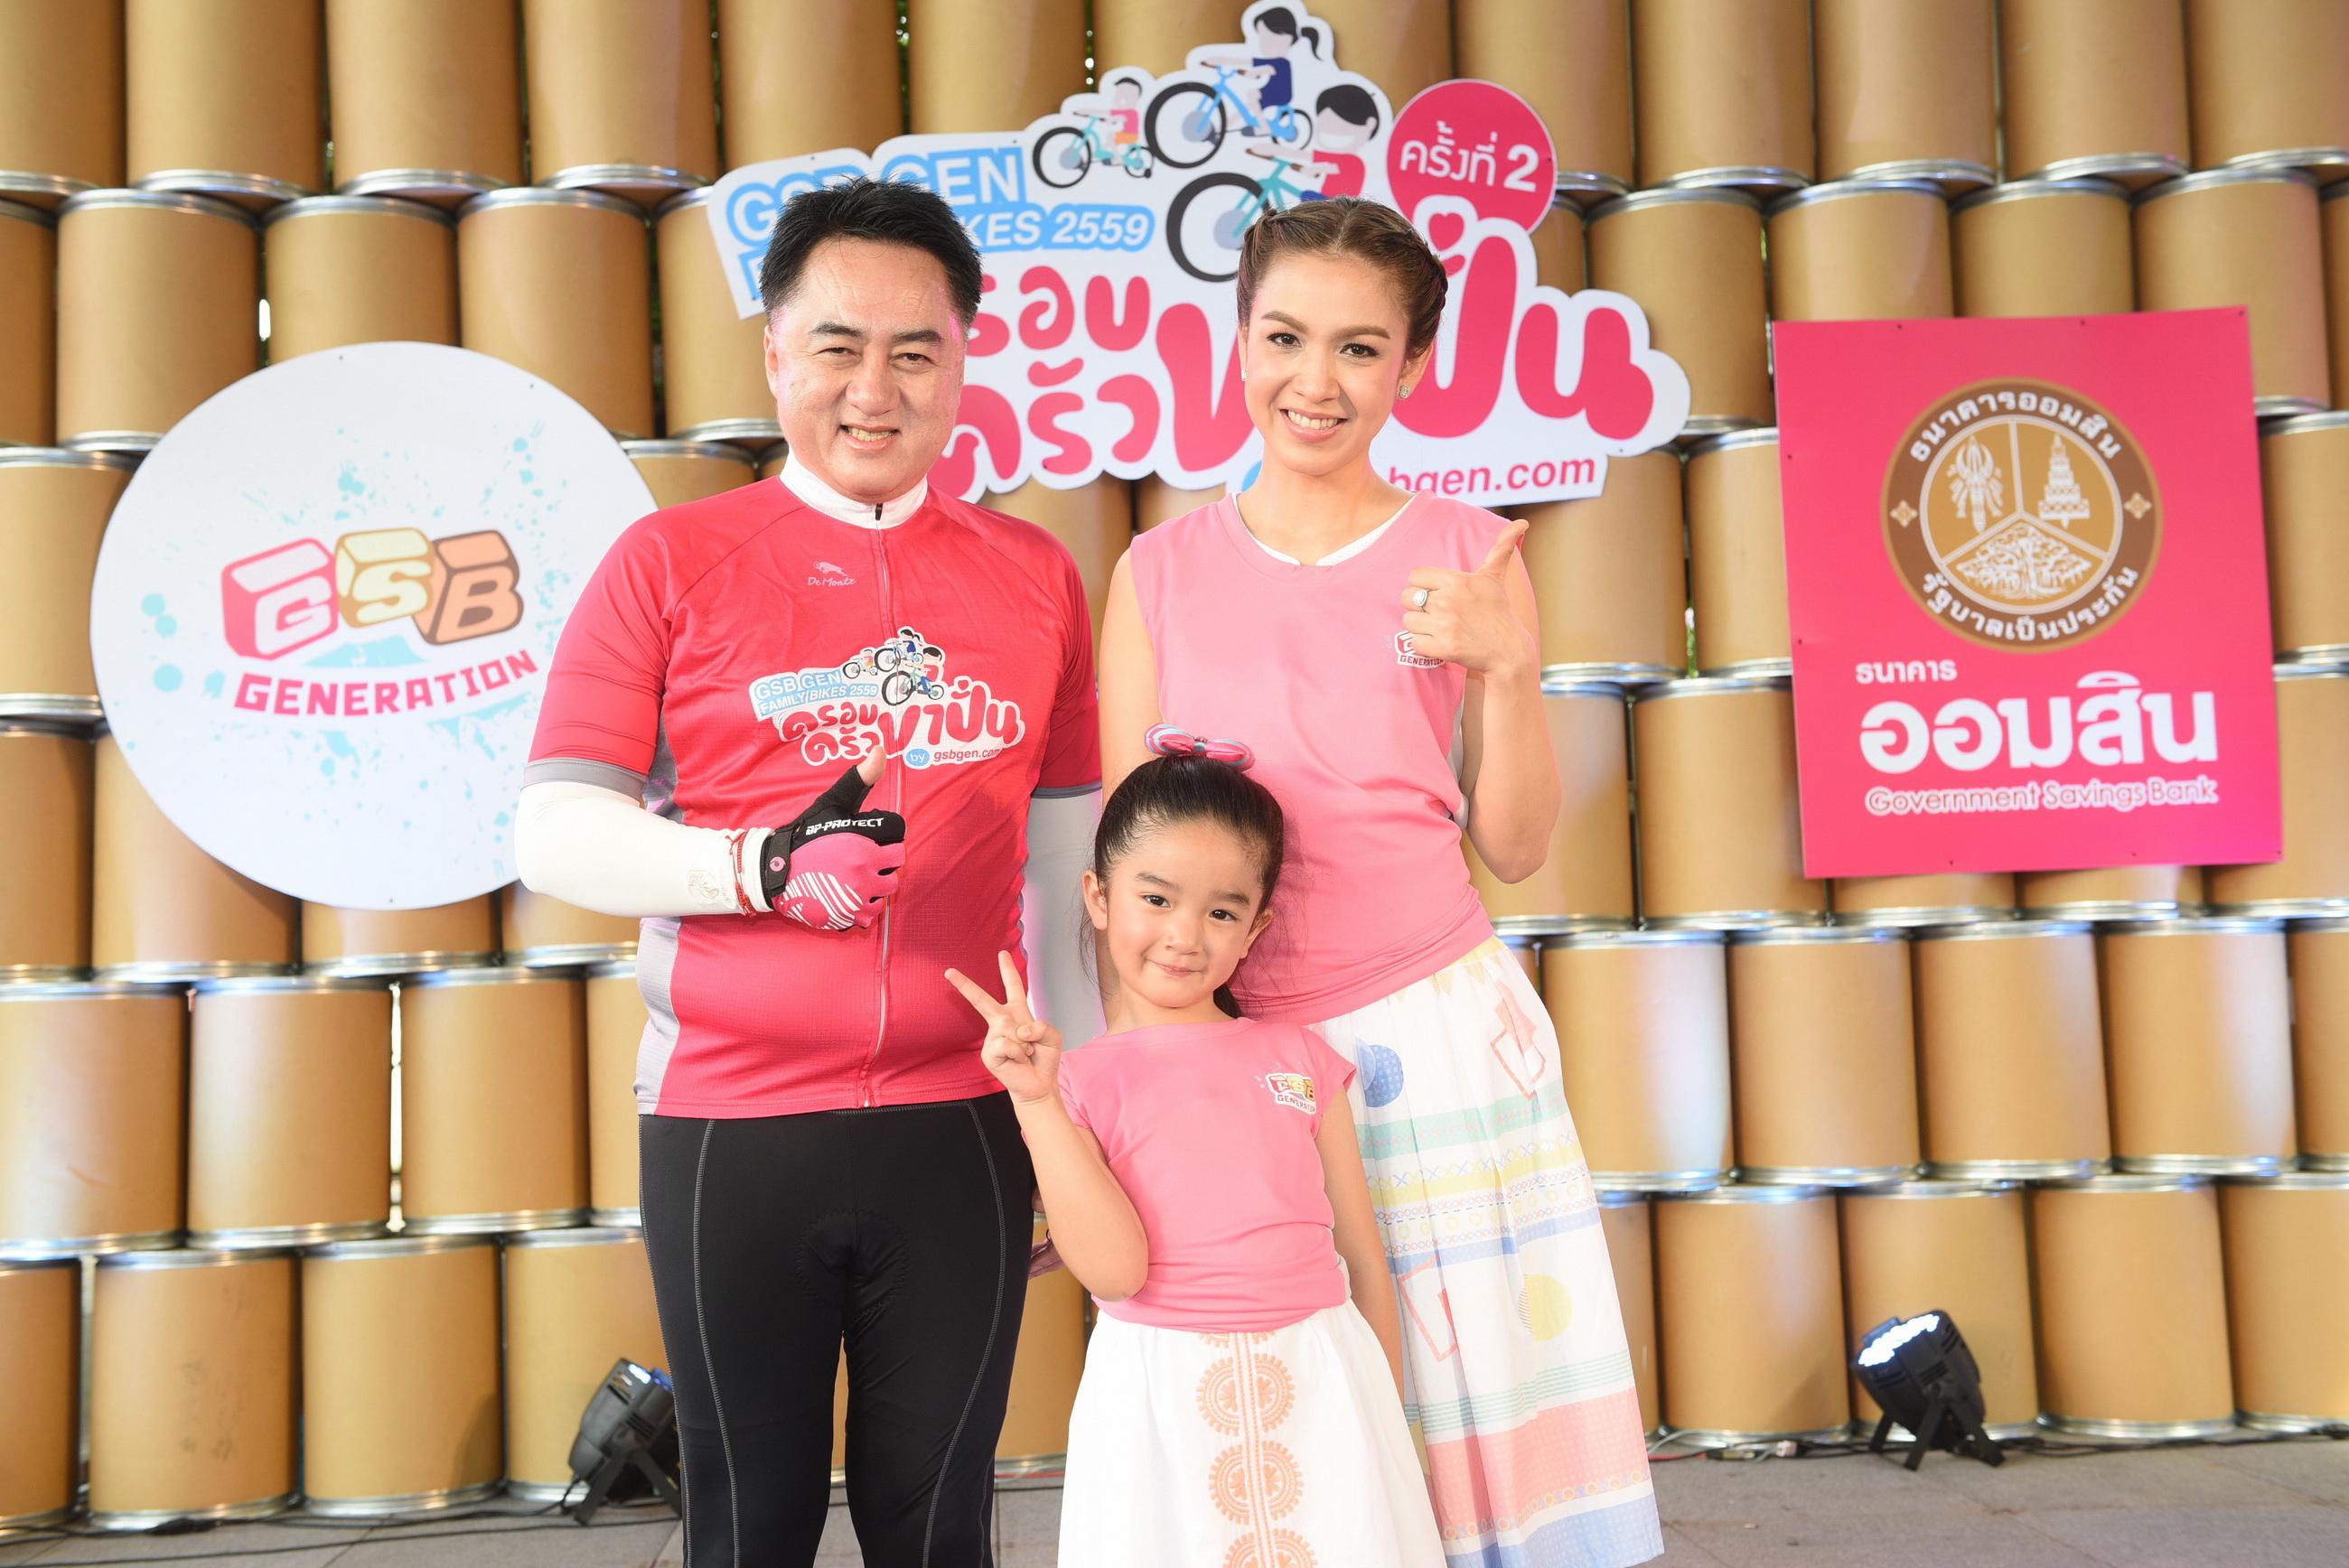 กิจกรรม GSB GEN FAMILY BIKES 2559 ครั้งที่ 2